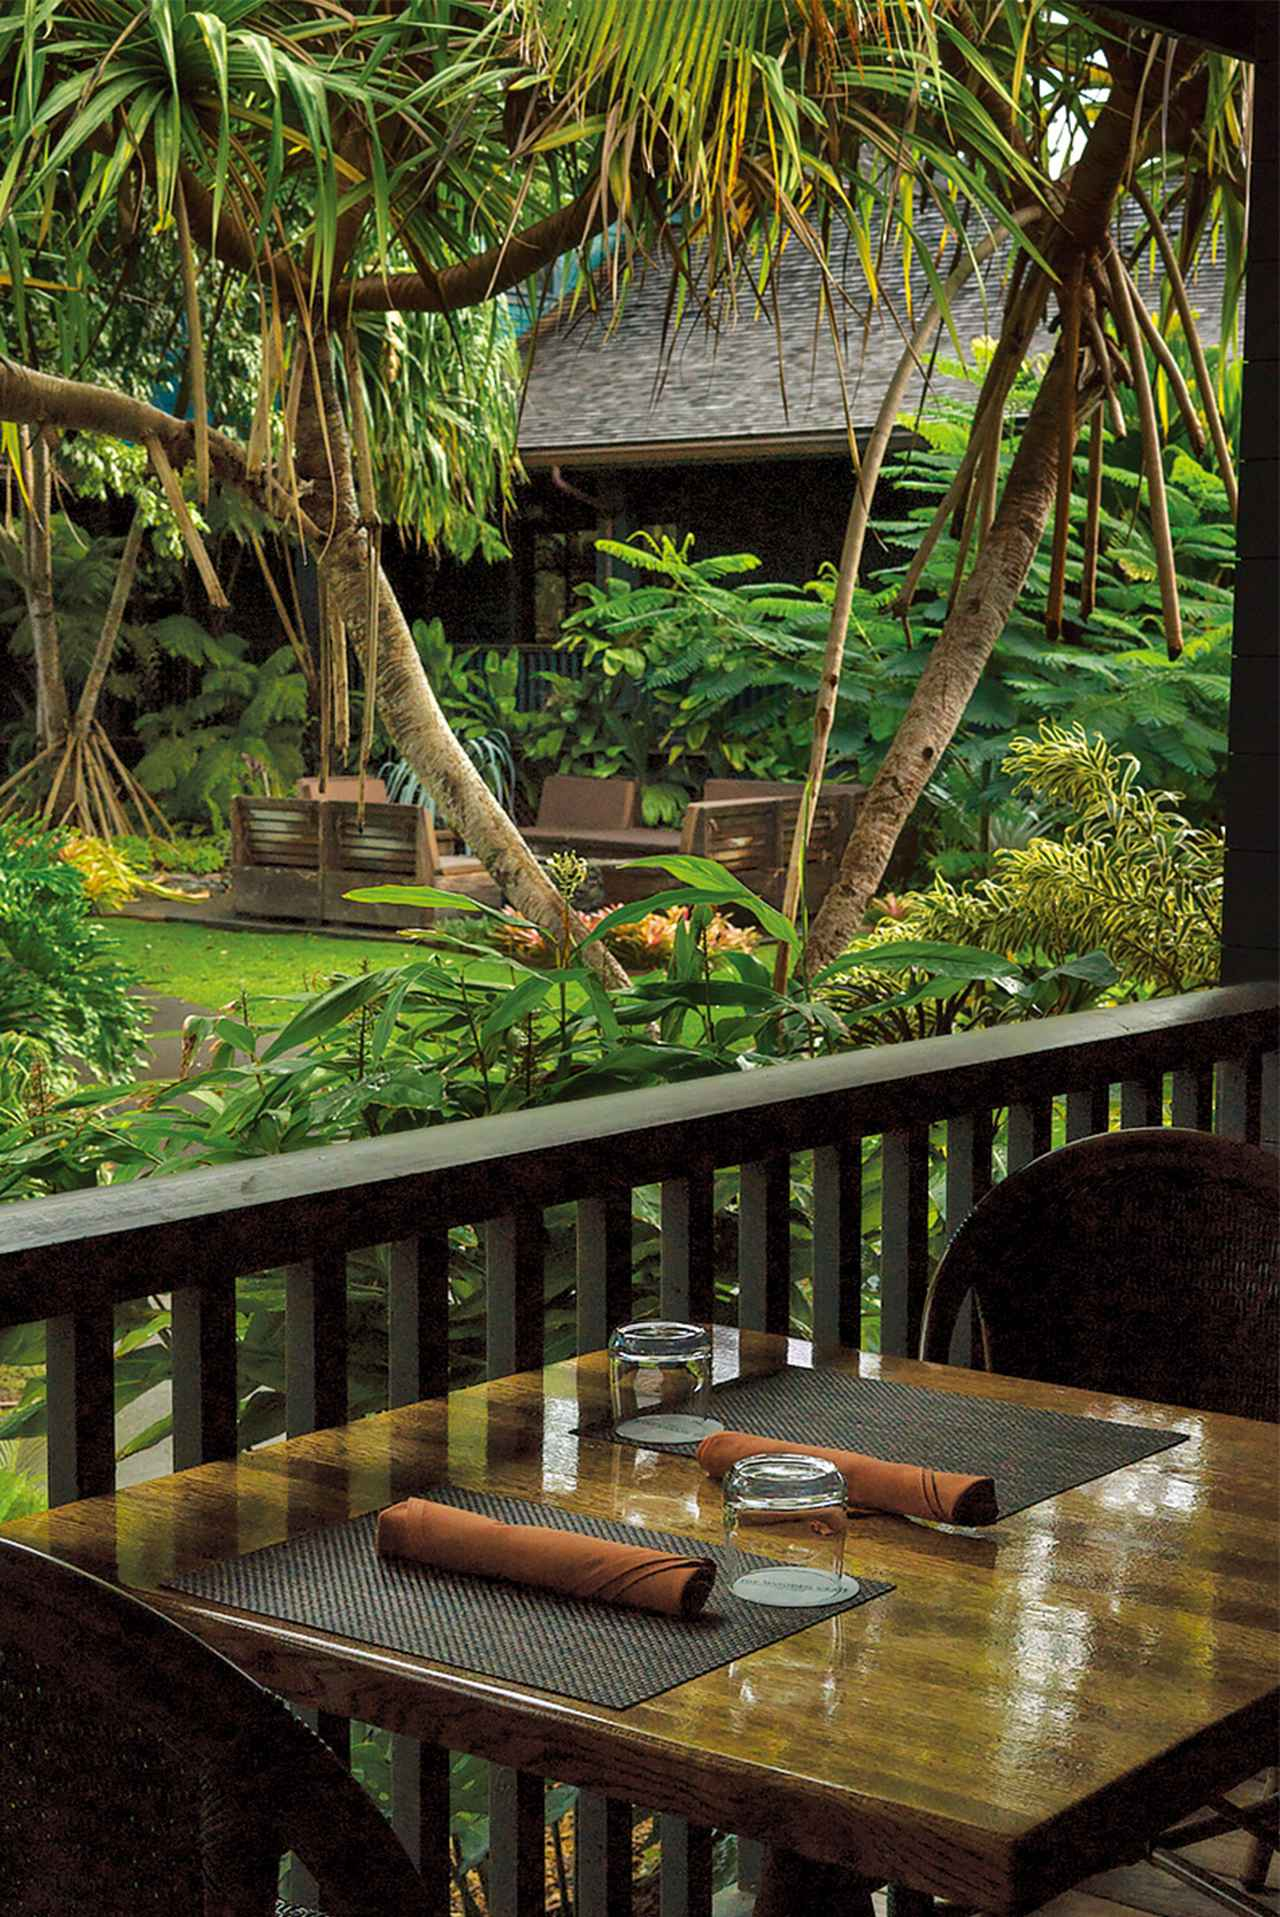 Images : 1番目の画像 - 「マウイ島の知られざる魅力、 アップカントリーへの旅」のアルバム - T JAPAN:The New York Times Style Magazine 公式サイト